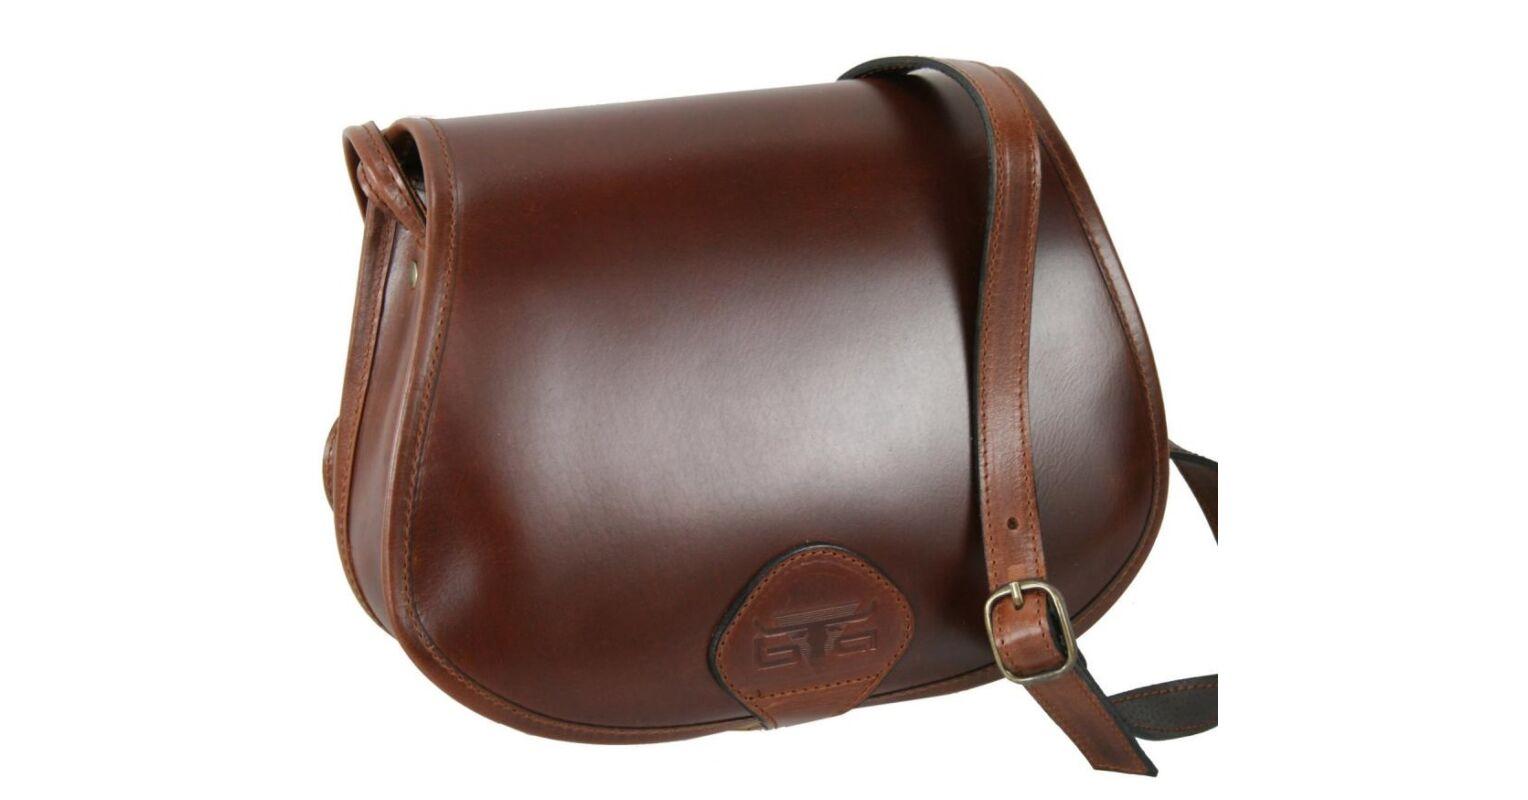 77777a3bcdc4 Közepes méretű Blazek bőr vadász táska 18.990 Ft-os áron!